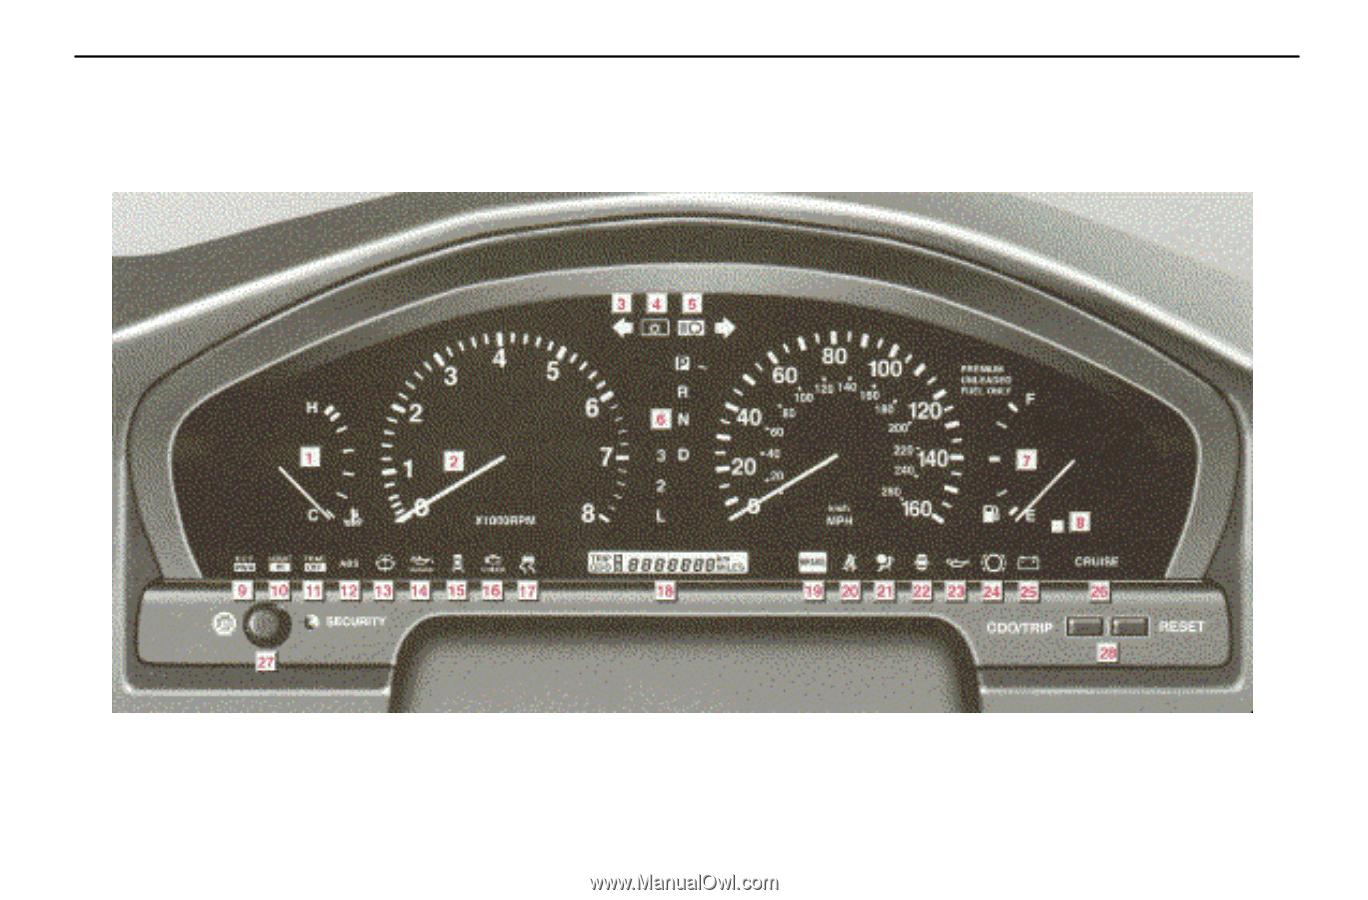 wiring diagram lexus 94 ls400 lexus rx300 engine diagram